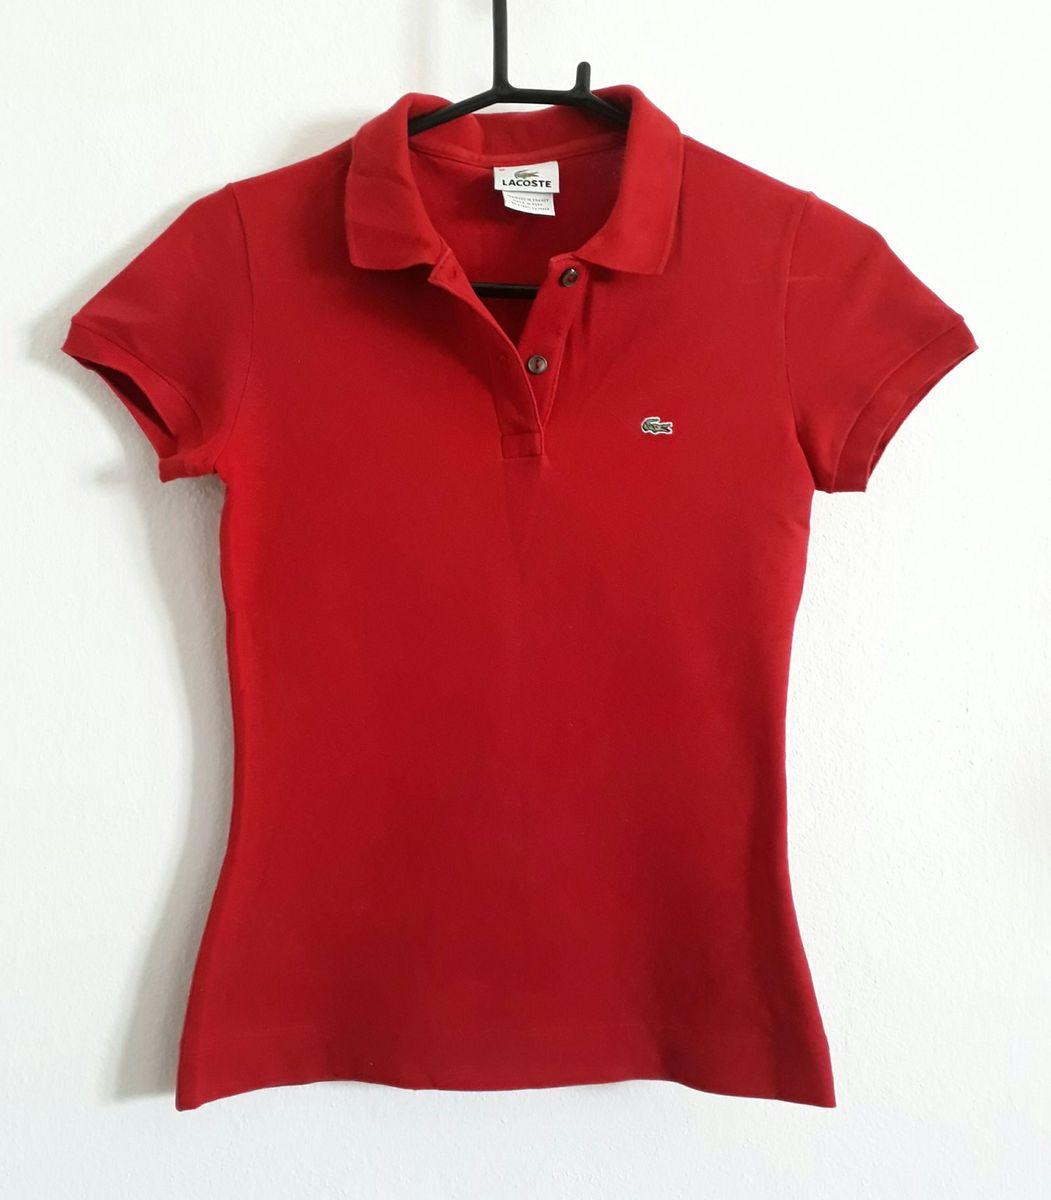 polo lacoste - camisas lacoste.  Czm6ly9wag90b3muzw5qb2vplmnvbs5ici9wcm9kdwn0cy80mte4os9jnzlizje0ymi0mdu5mjjmowvjmzq3otkzngnhyjhizc5qcgc  ... 383847e533